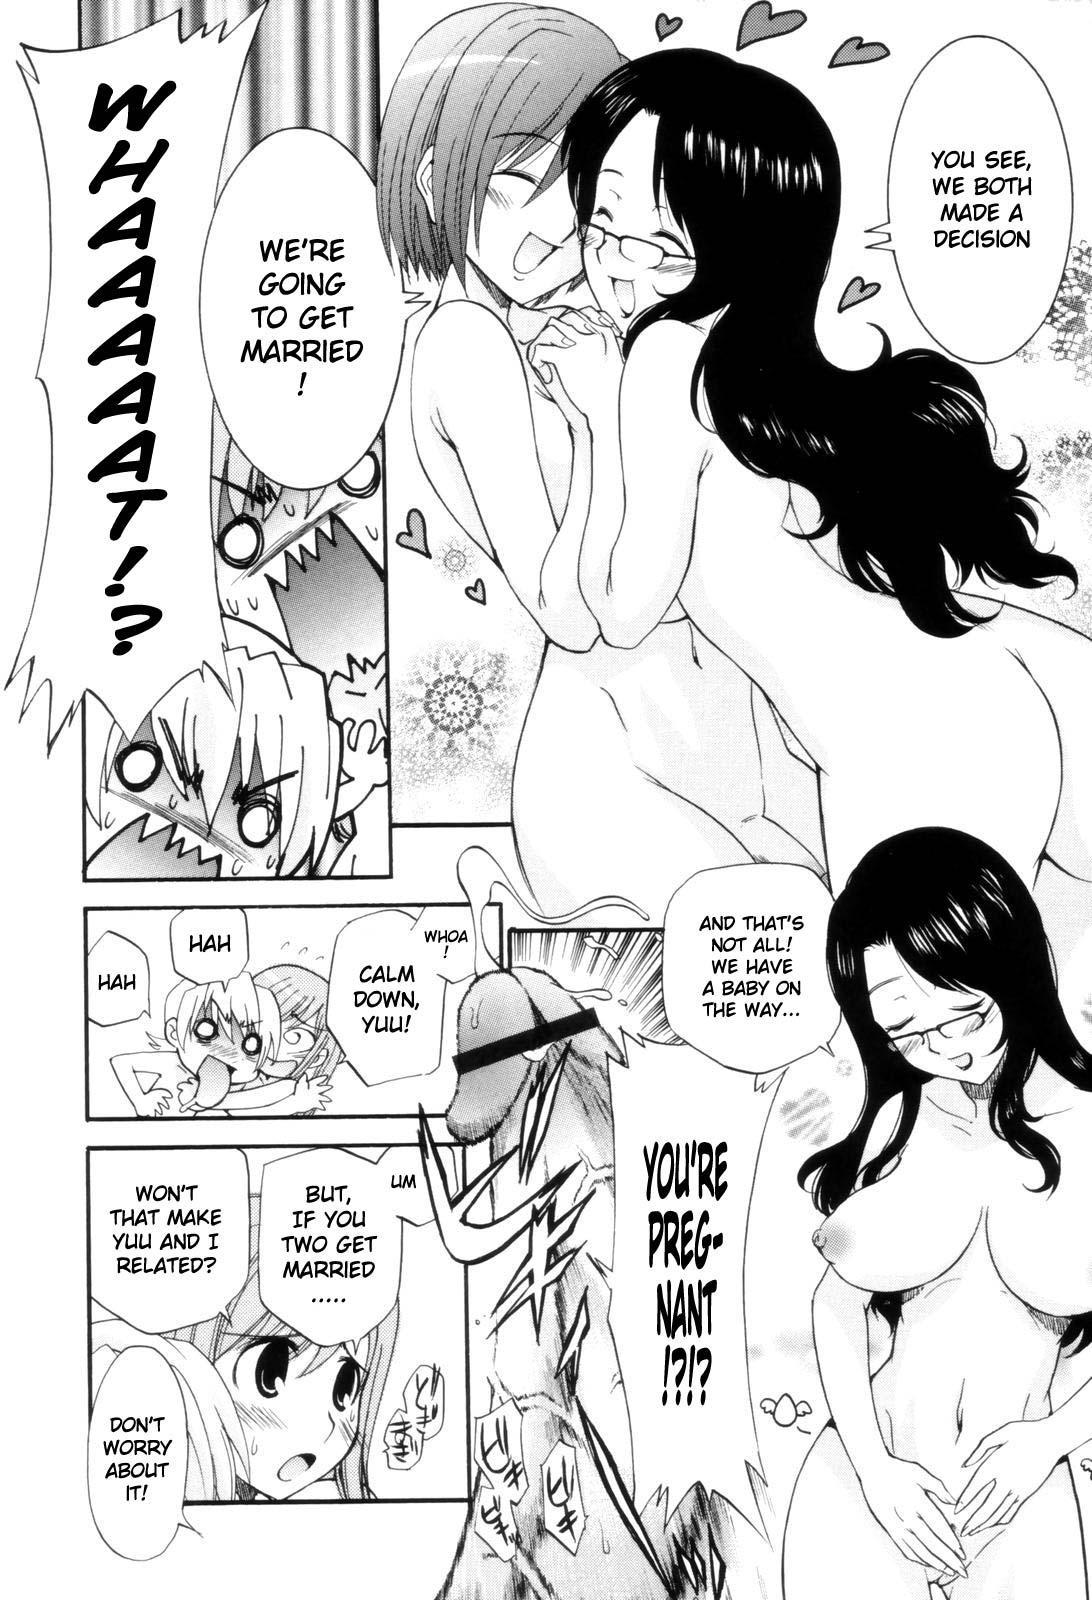 [Kamirenjaku Sanpei] Tonari no Sperm-san Ch.0-7+Epilogue [ENG] 128